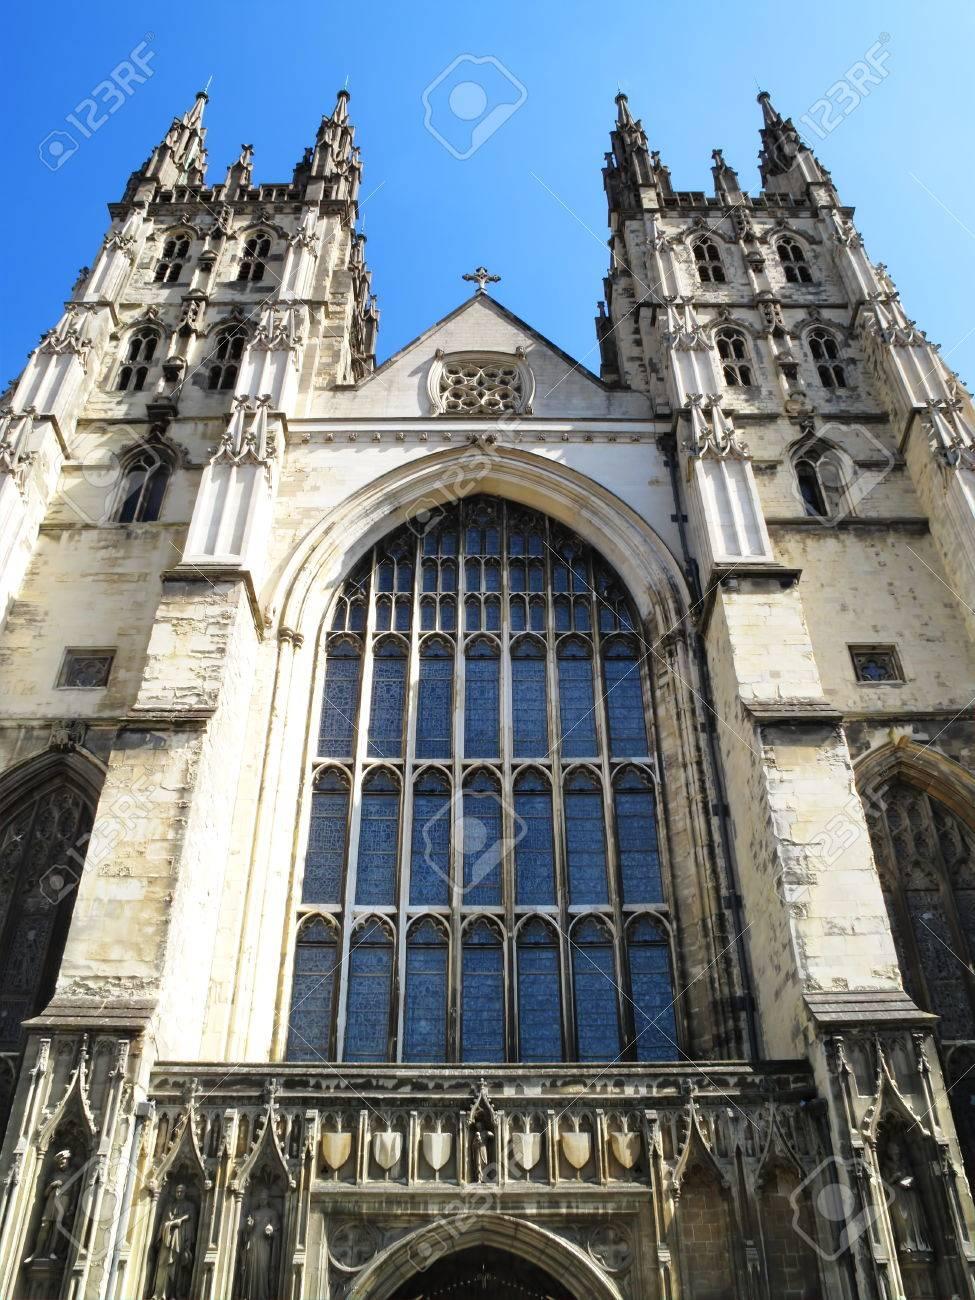 gratuit goth datant Royaume-Uni outil de pierre datant